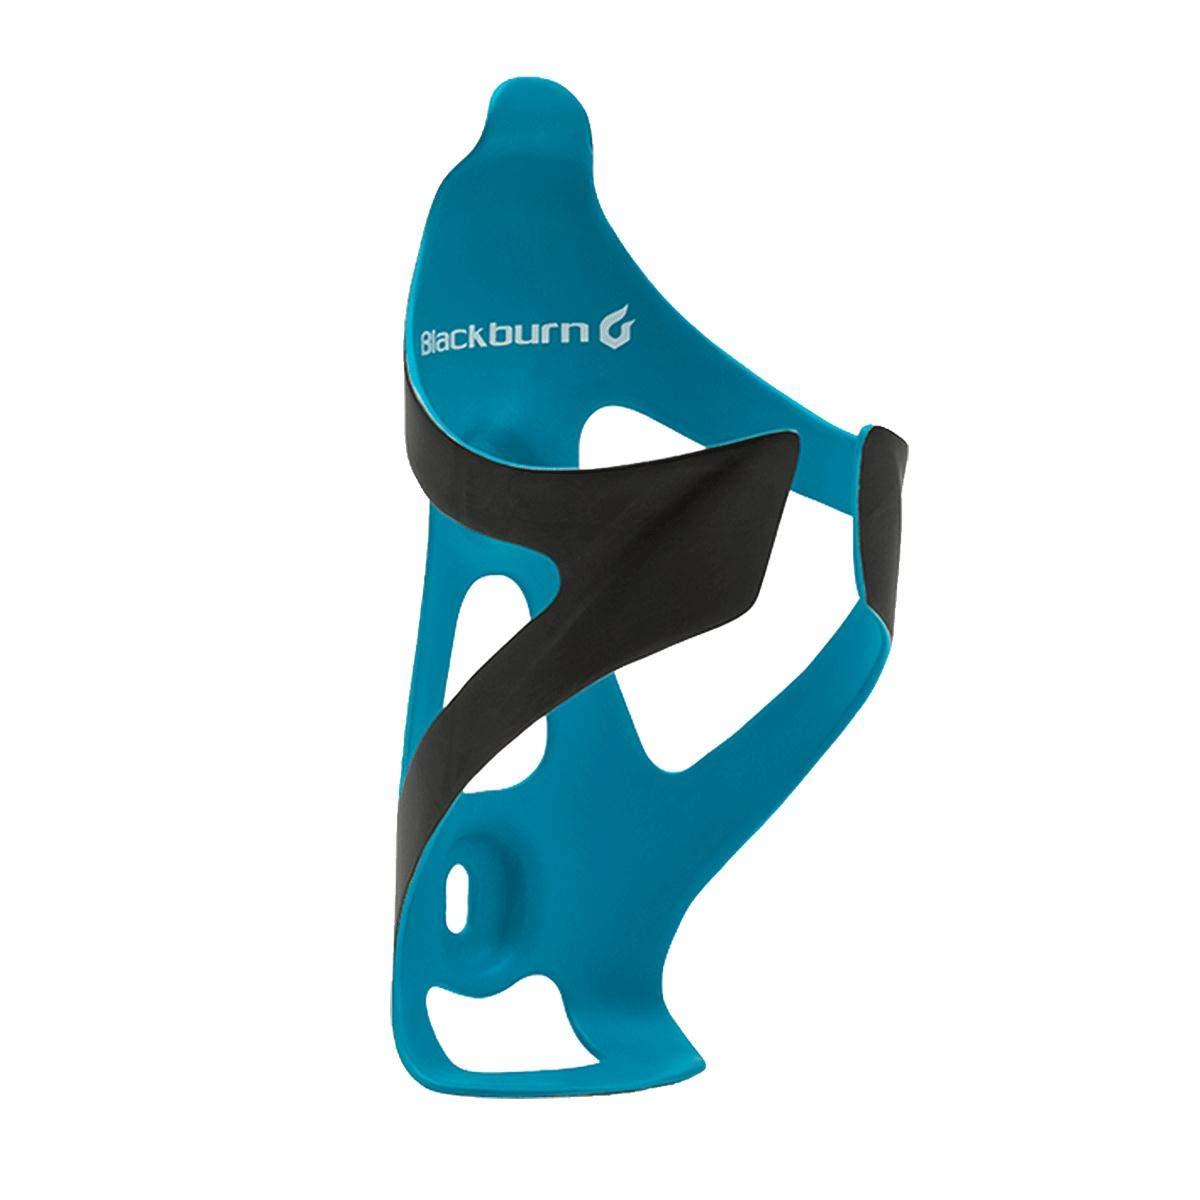 Blackburn Camber UD Carbon Cage Matte Black/Blue, One Size